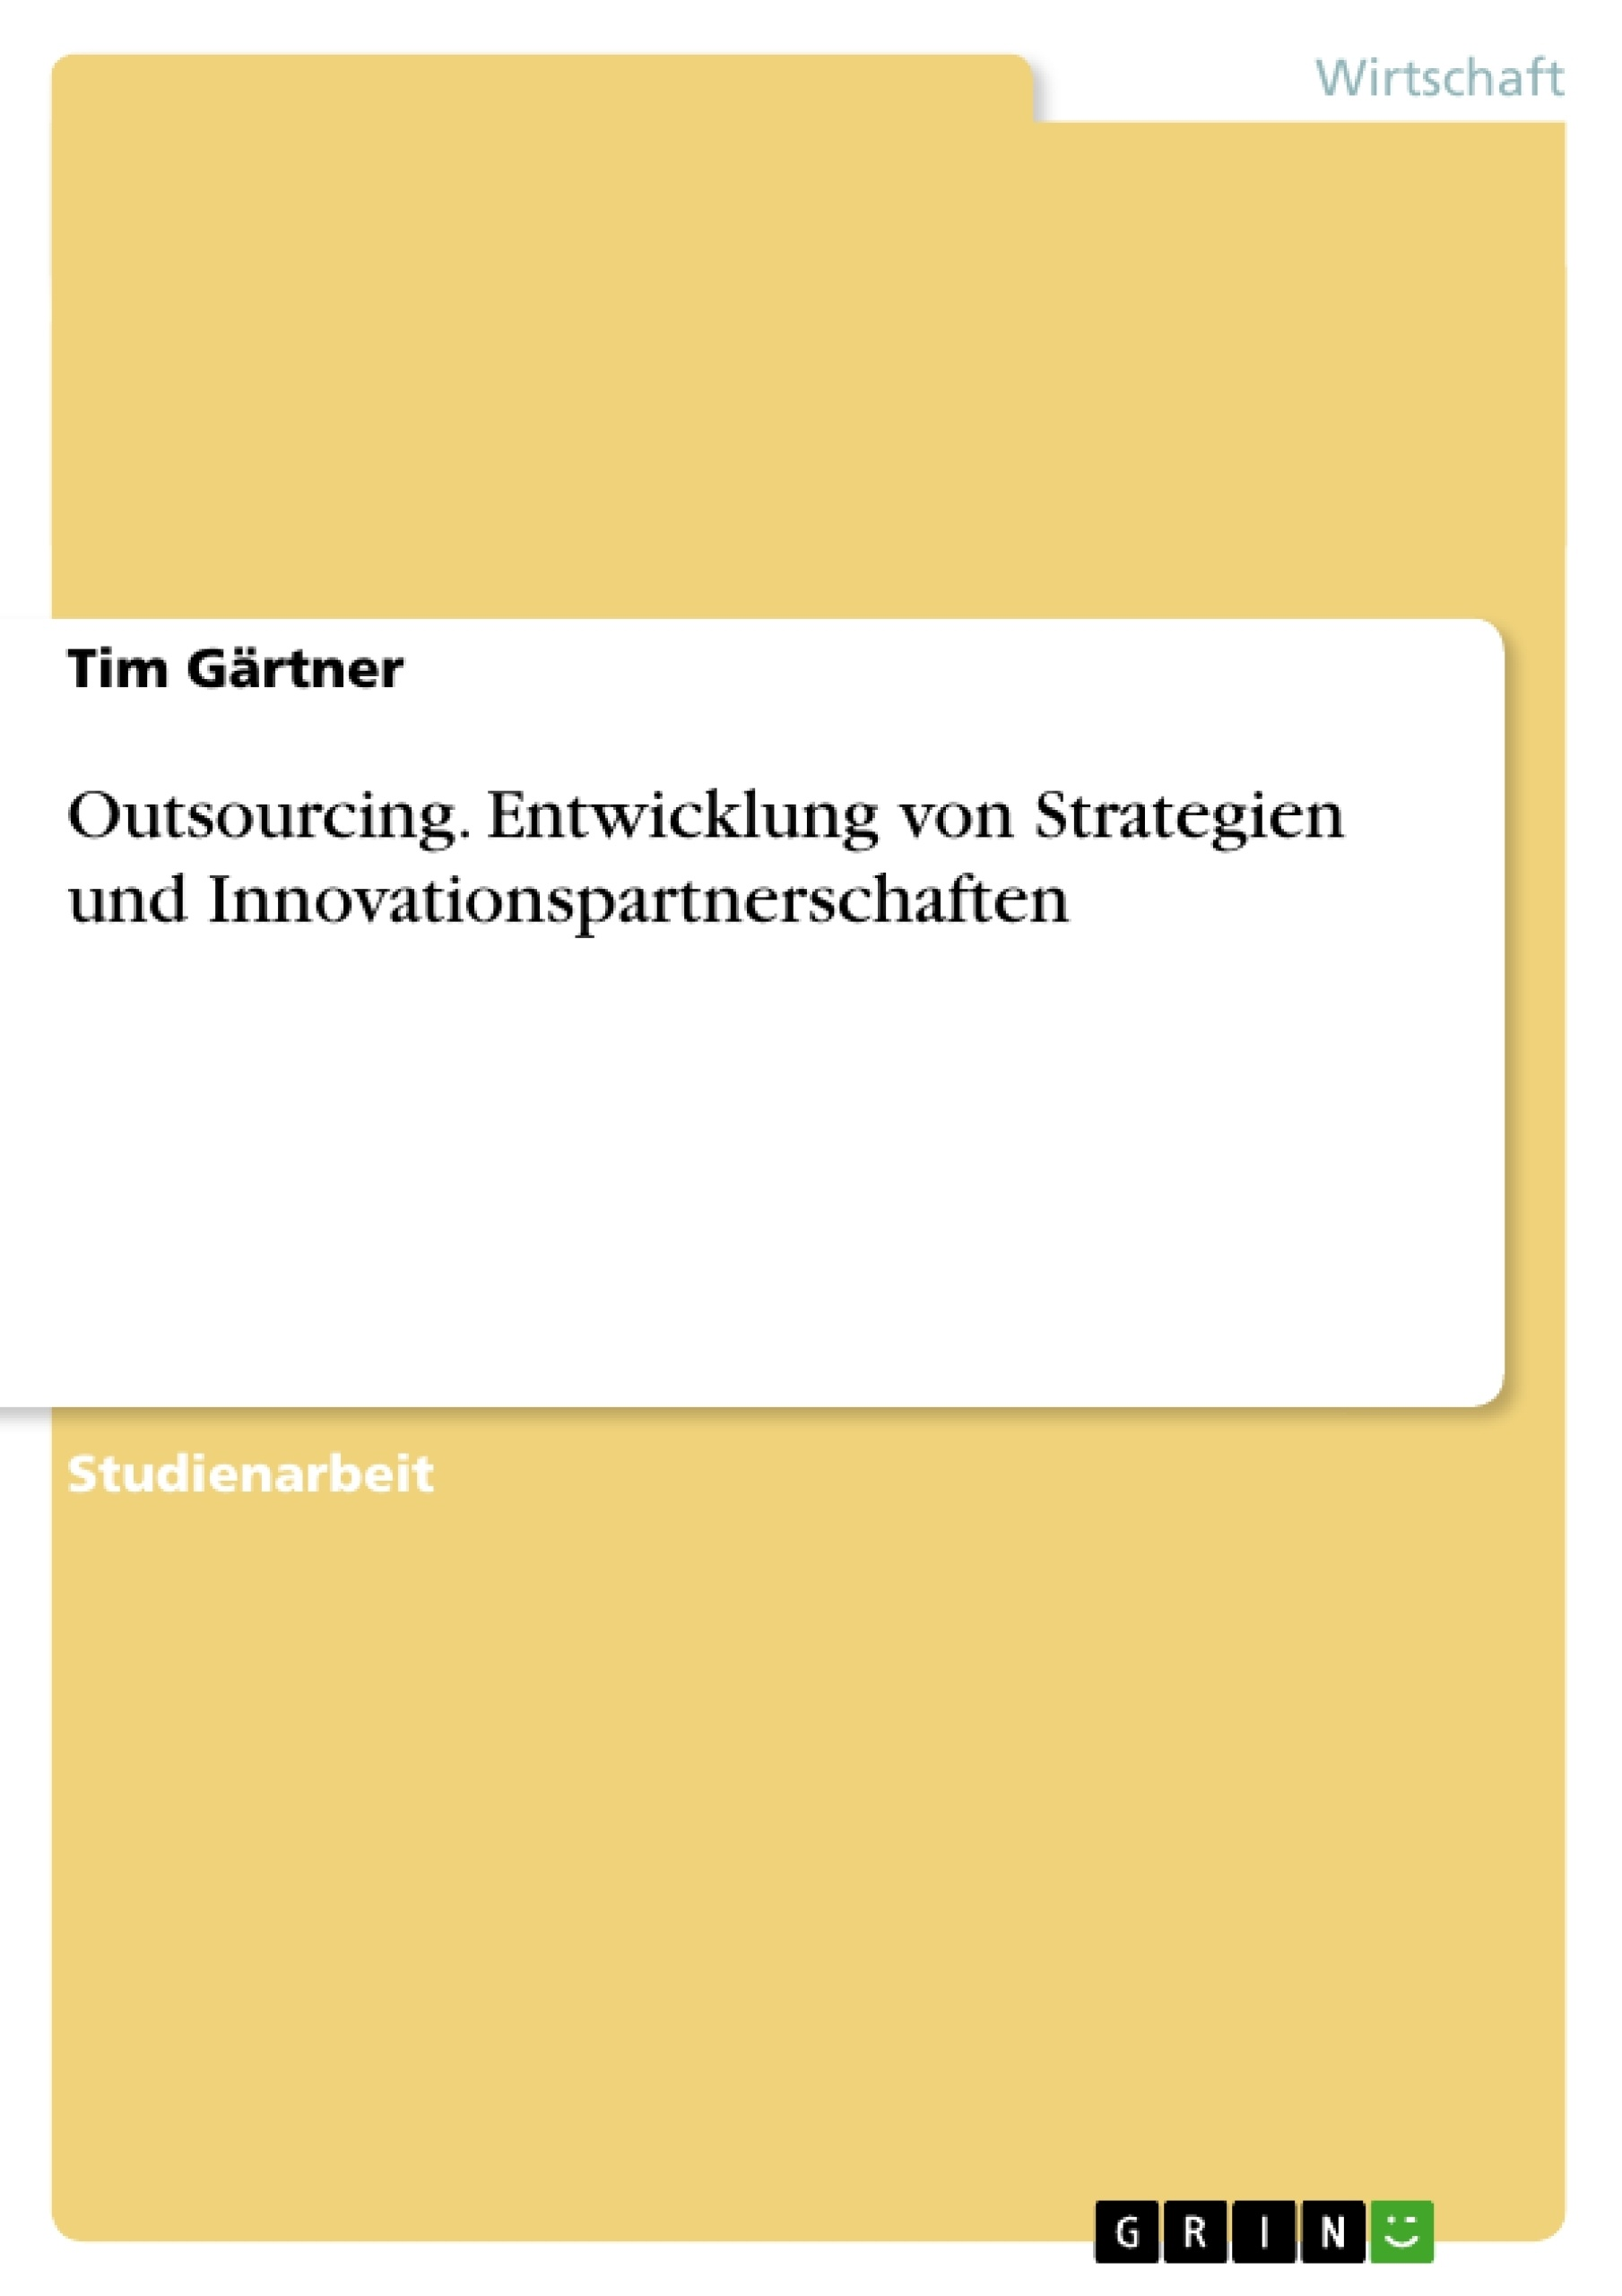 Titel: Outsourcing. Entwicklung von Strategien und Innovationspartnerschaften